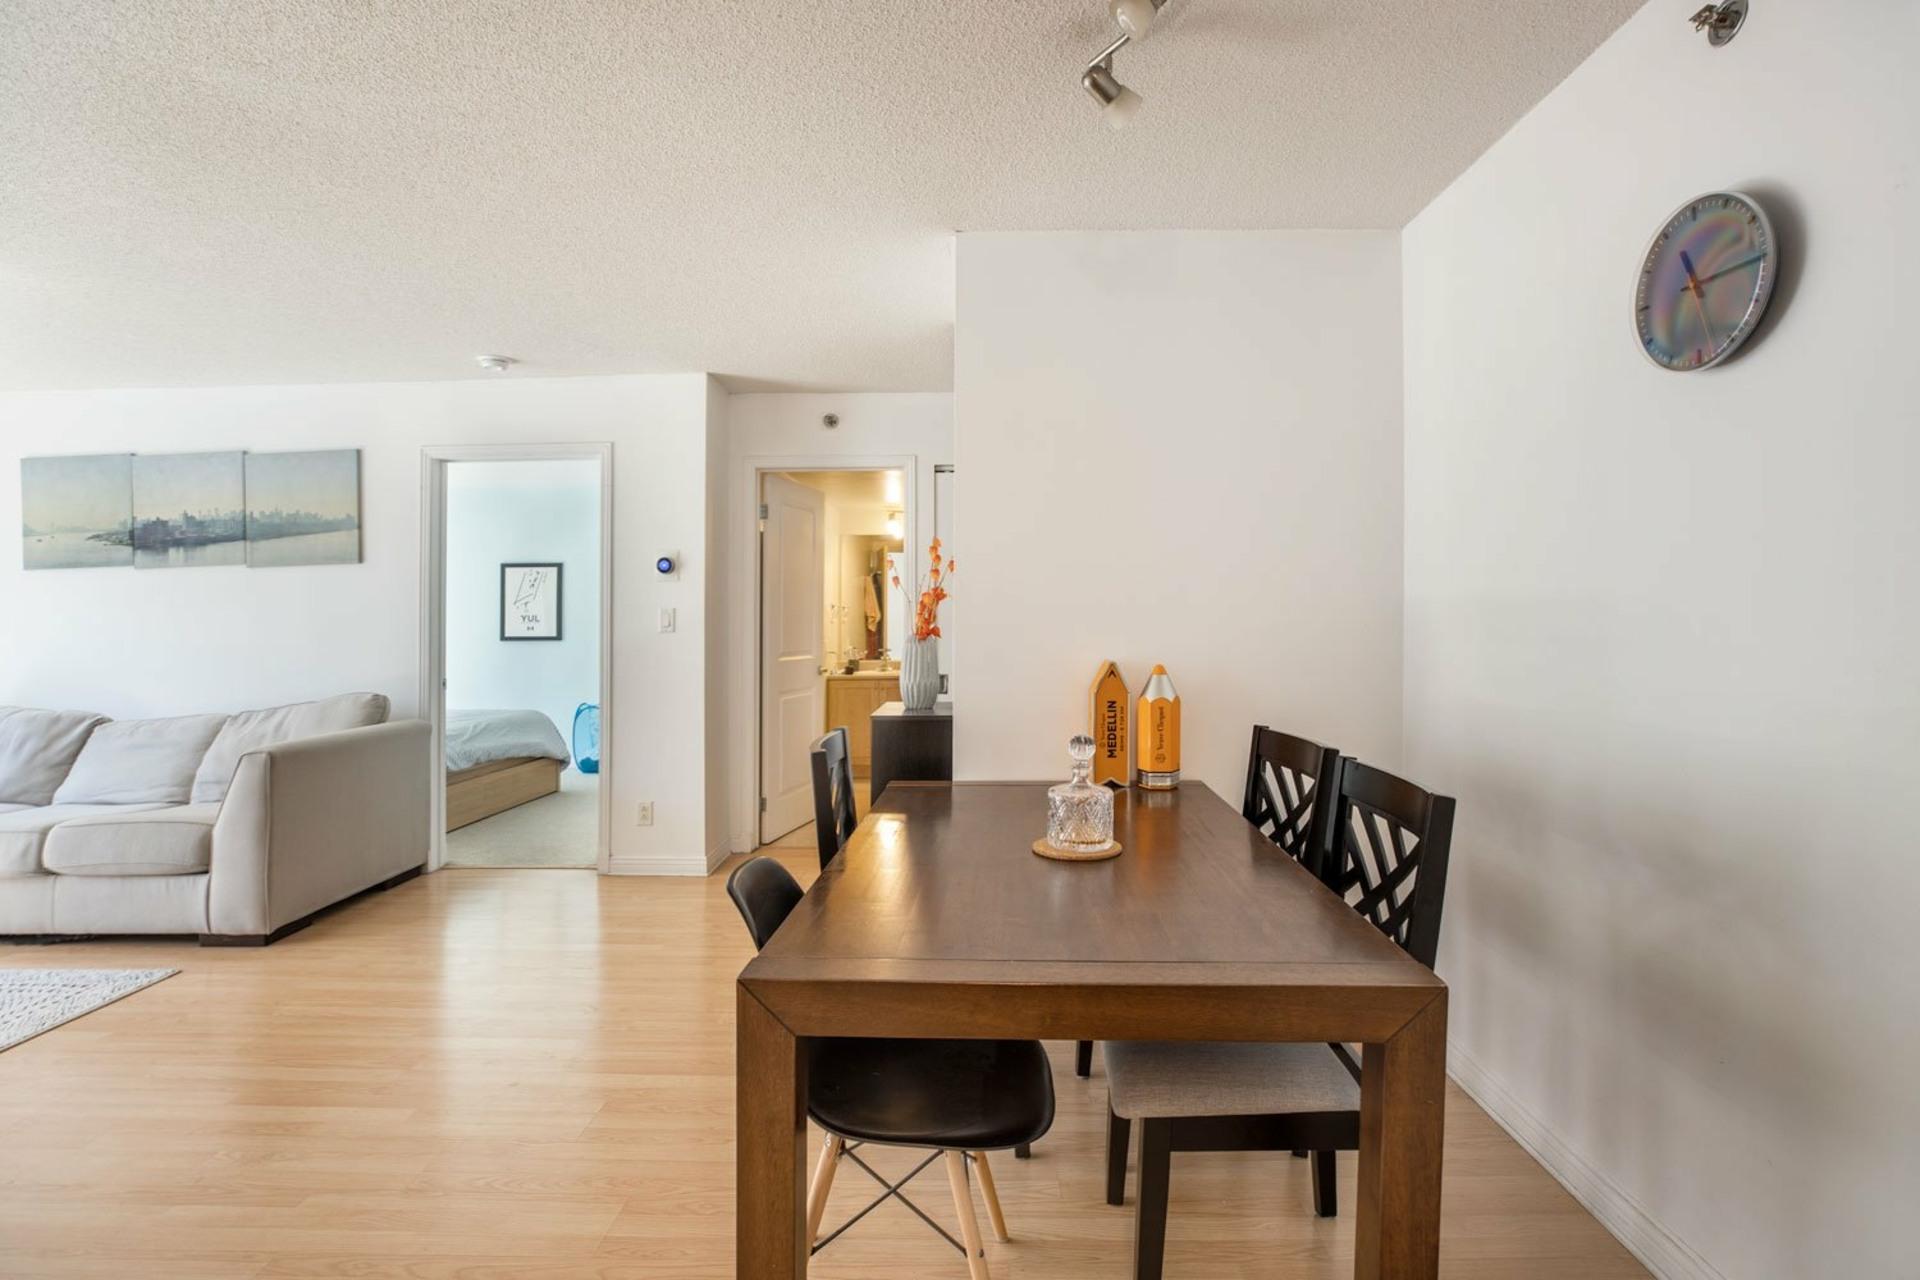 image 4 - Appartement À vendre Ville-Marie Montréal  - 4 pièces